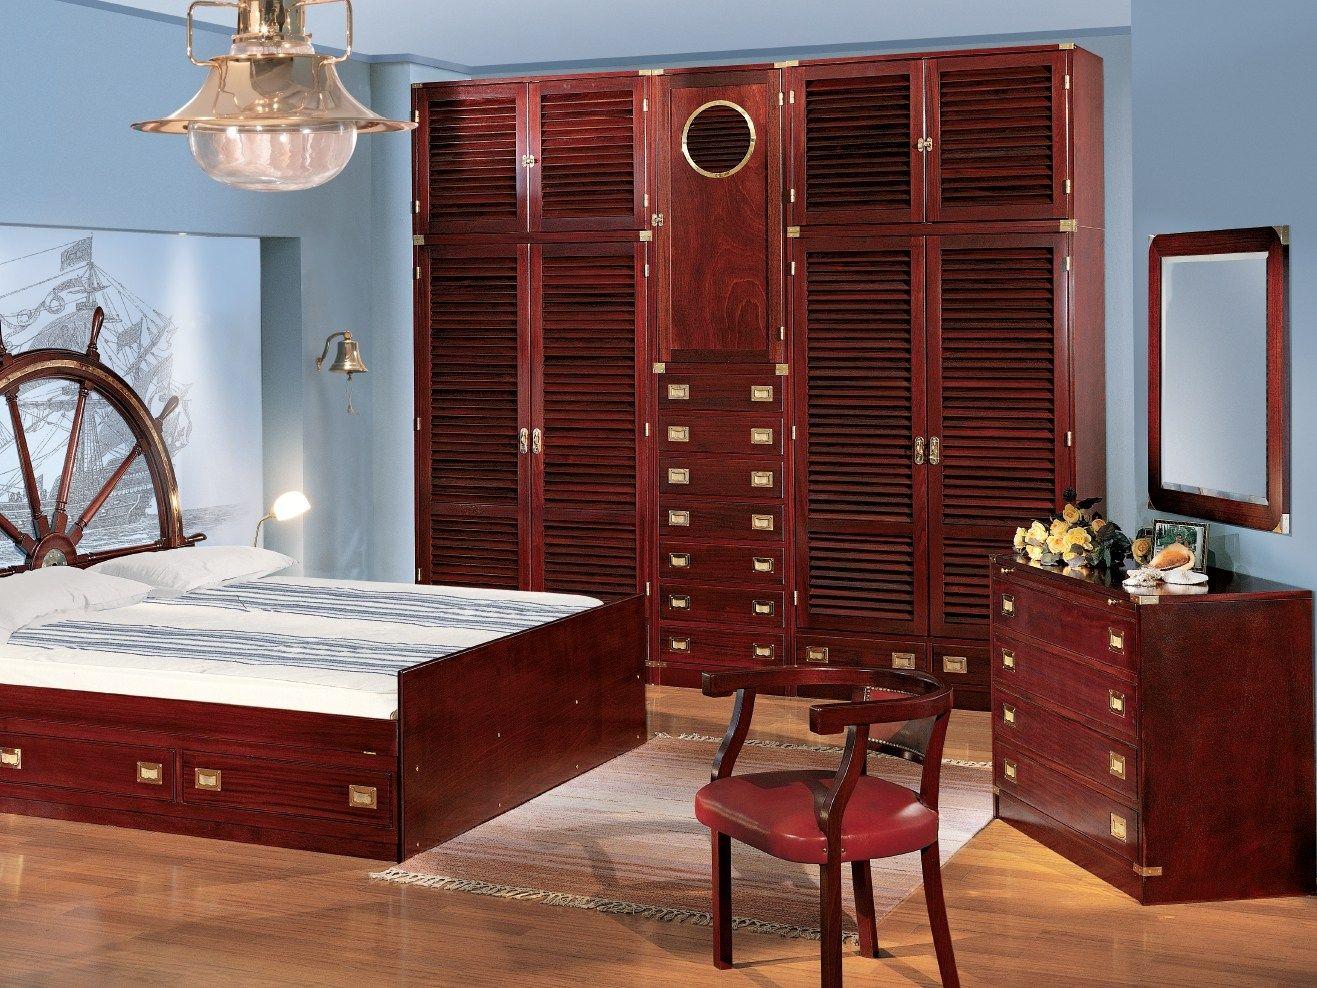 Camera da letto in legno 110 by caroti - Camera da letto legno ...